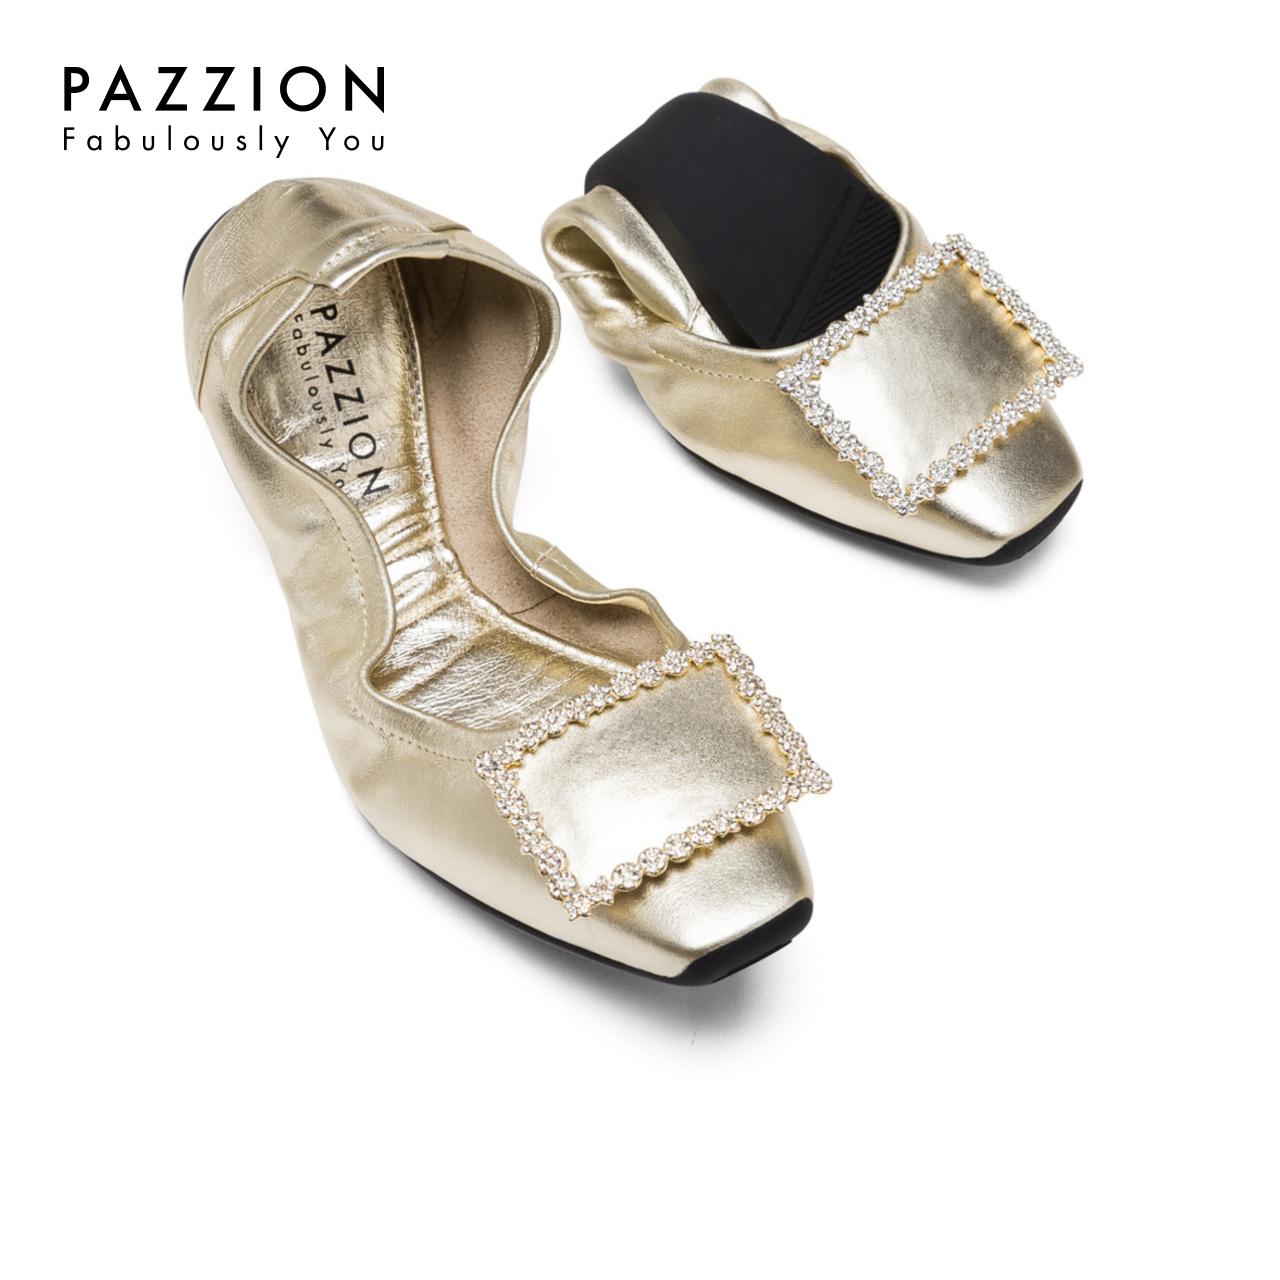 PAZZION优雅钻饰方扣方头平底鞋折叠女鞋 休闲舒适软底牛皮单鞋女